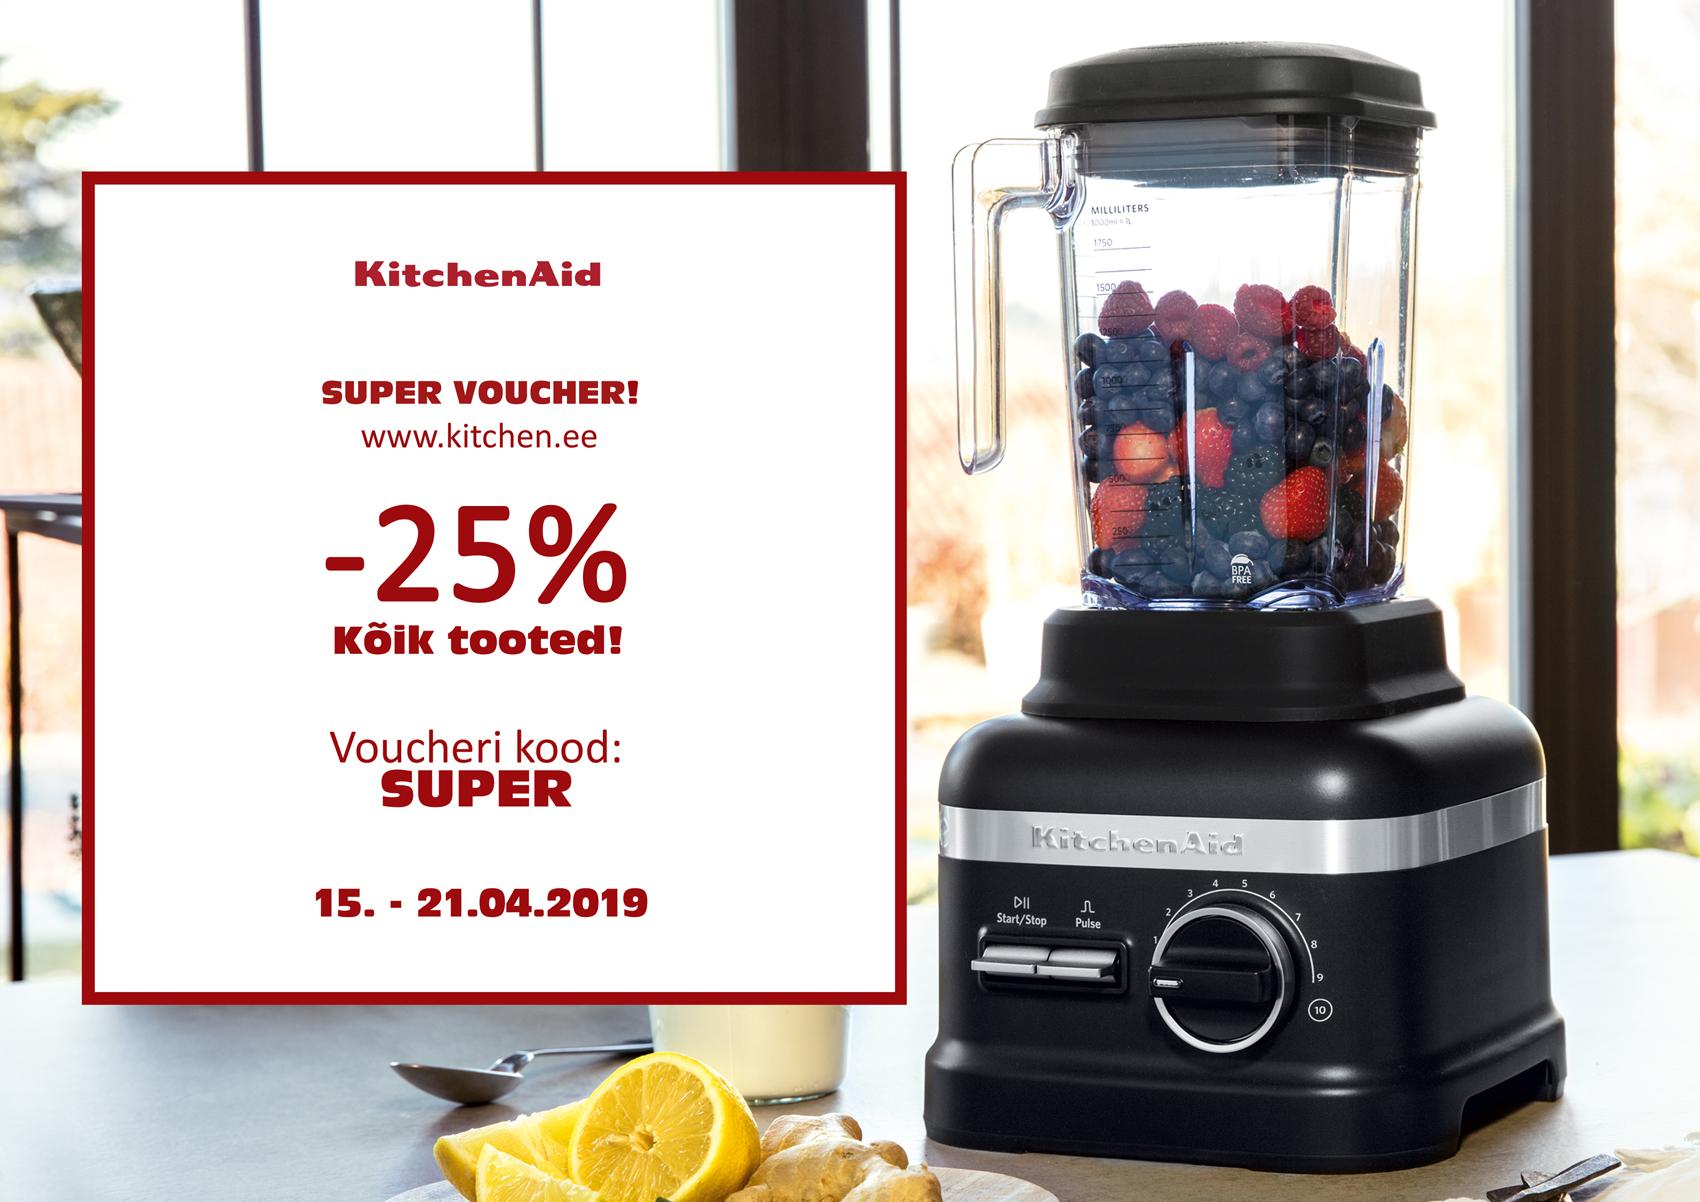 Super Voucher 2019